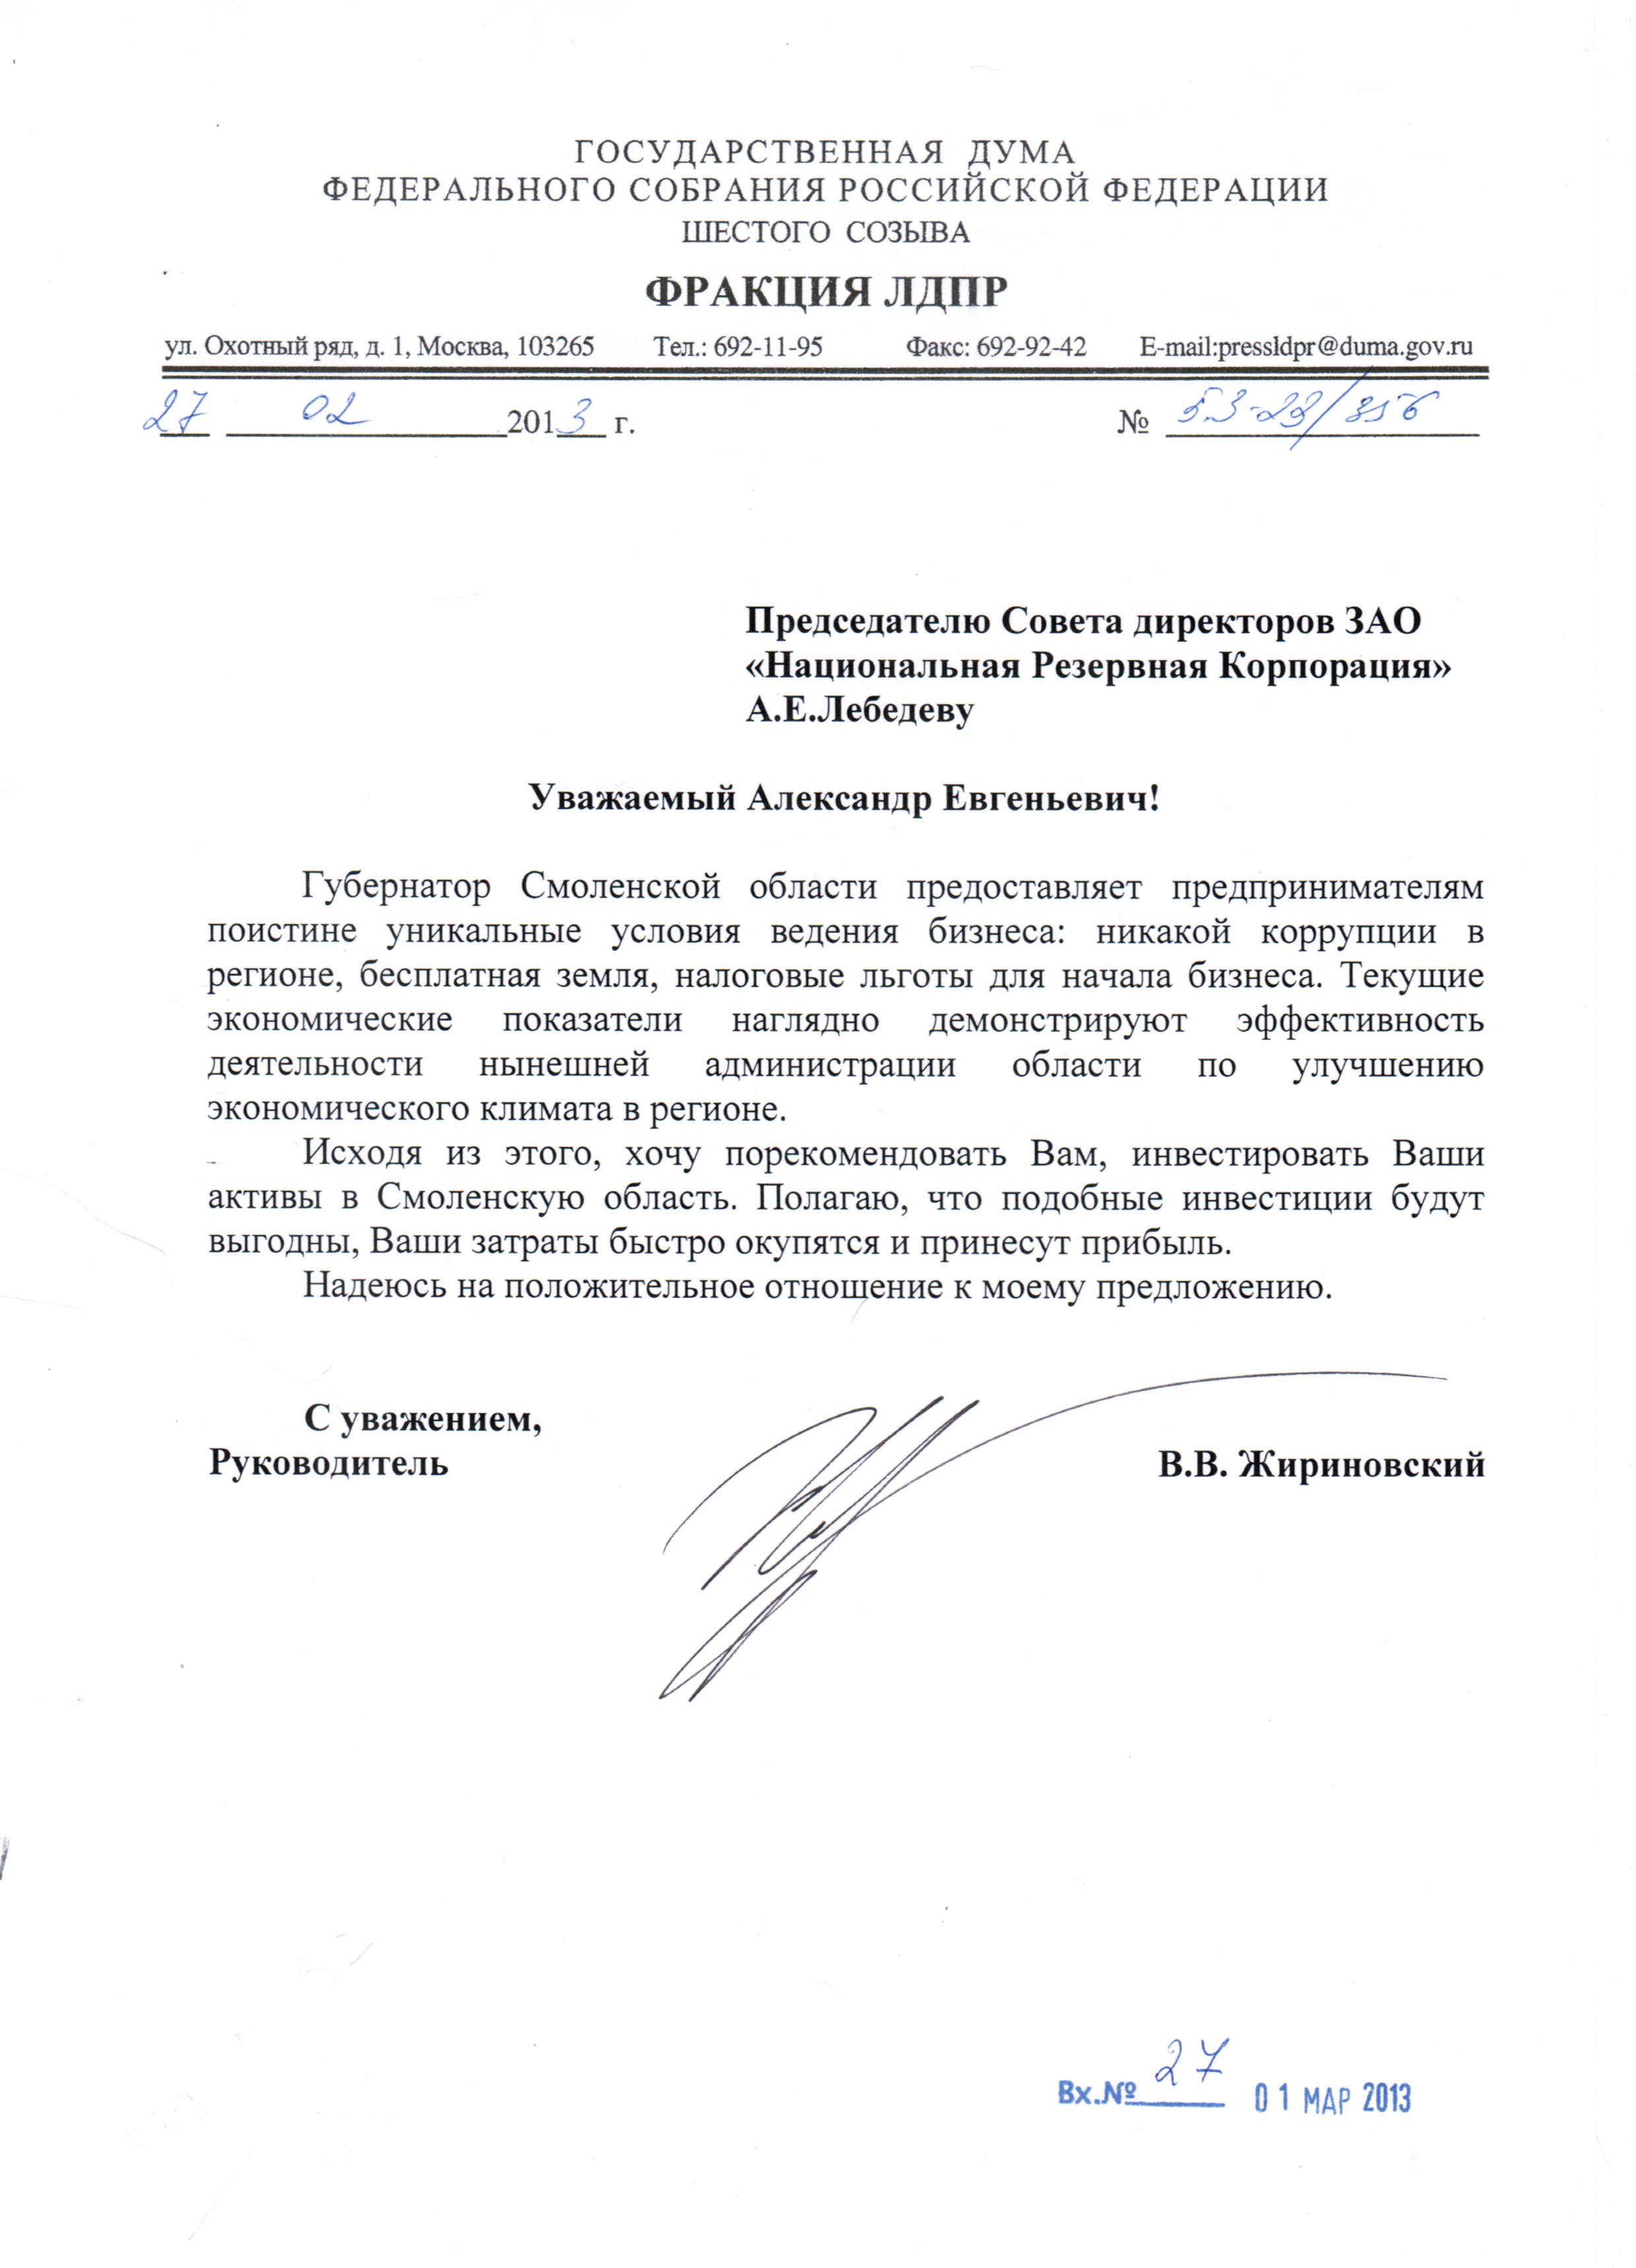 Смоленская область_Жириновский_28февраля2013